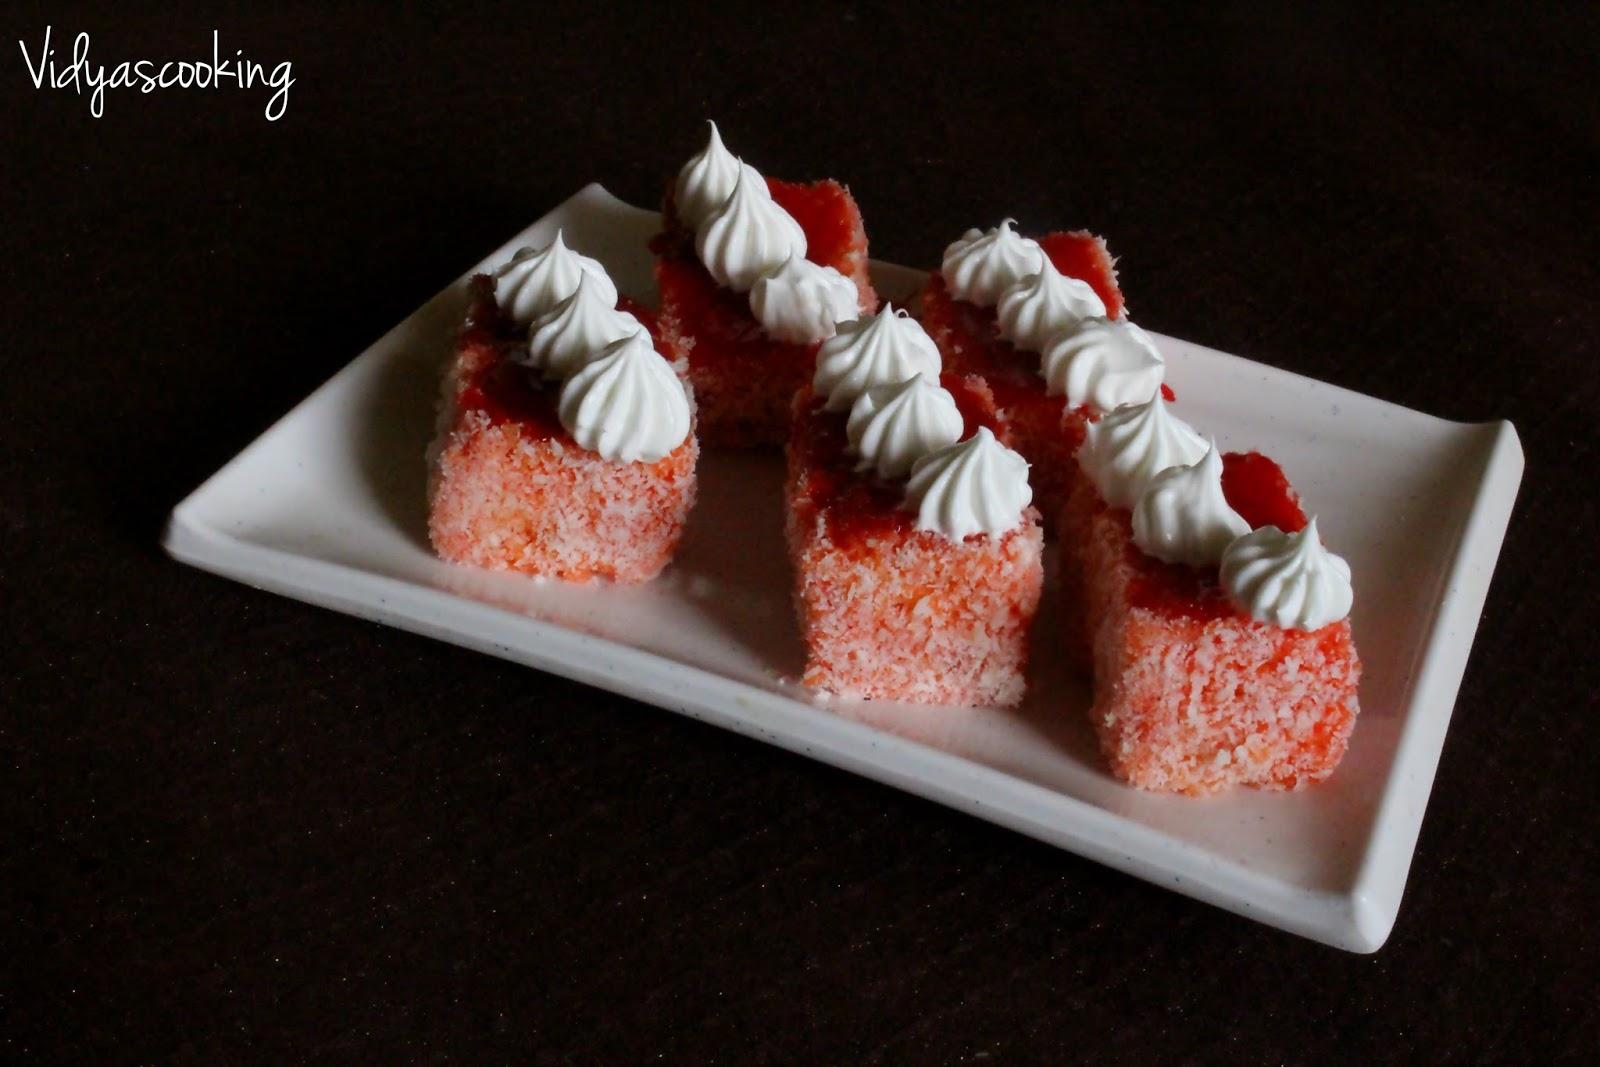 Vidyascooking Honey Cake Recipe Indian Bakery Honey Cake